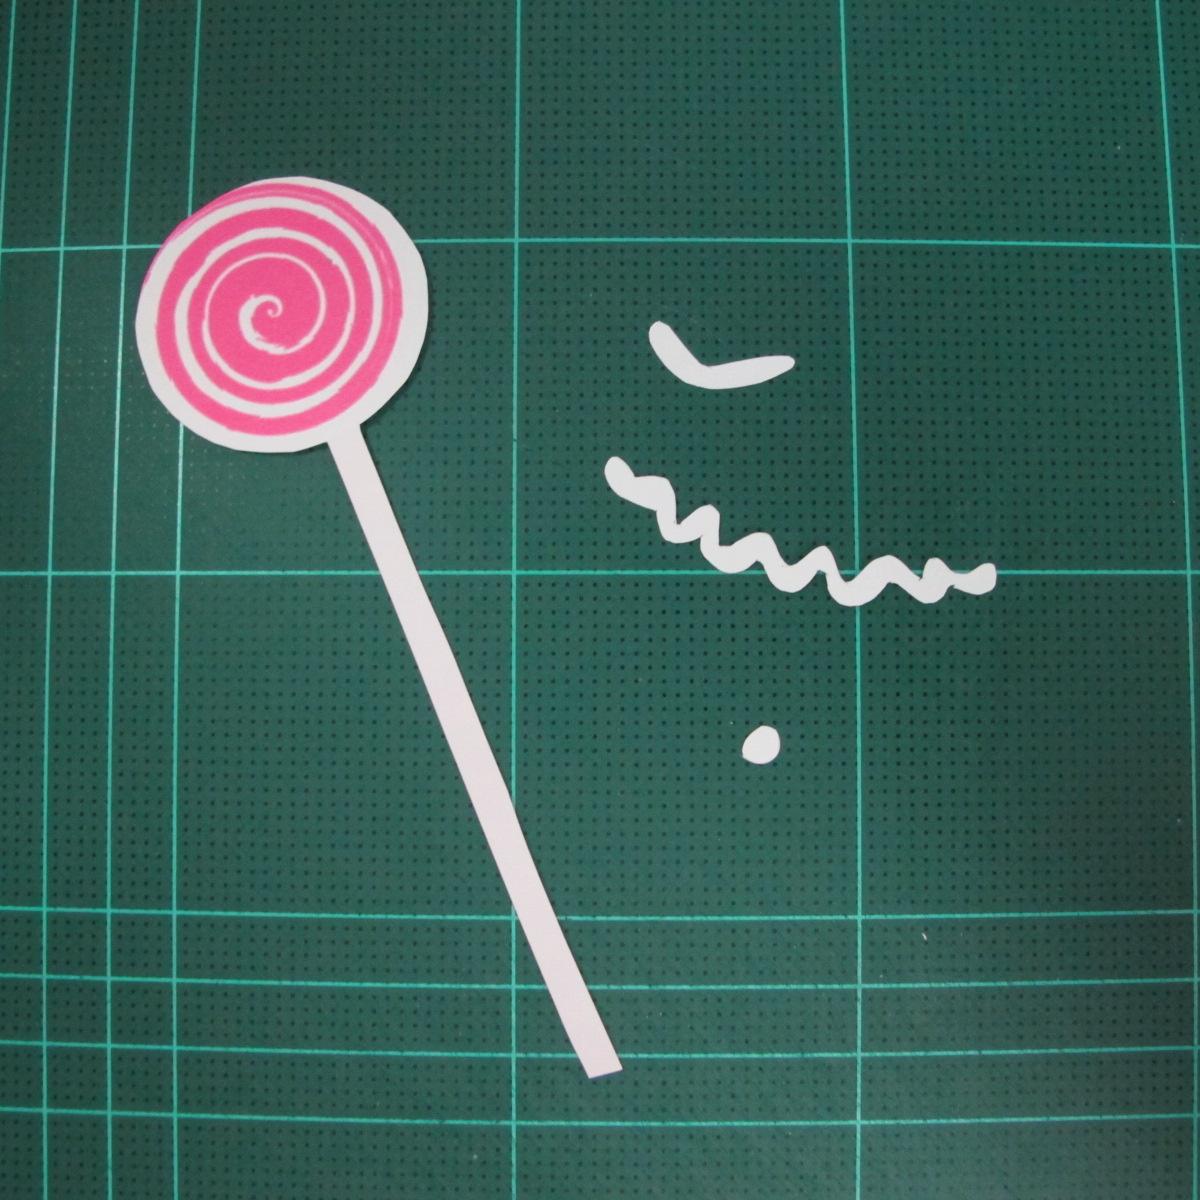 วิธีทำโมเดลกระดาษตุ้กตา คุกกี้สาวผู้ร่าเริง จากเกมส์คุกกี้รัน (LINE Cookie Run – Bright Cookie Papercraft Model) 026